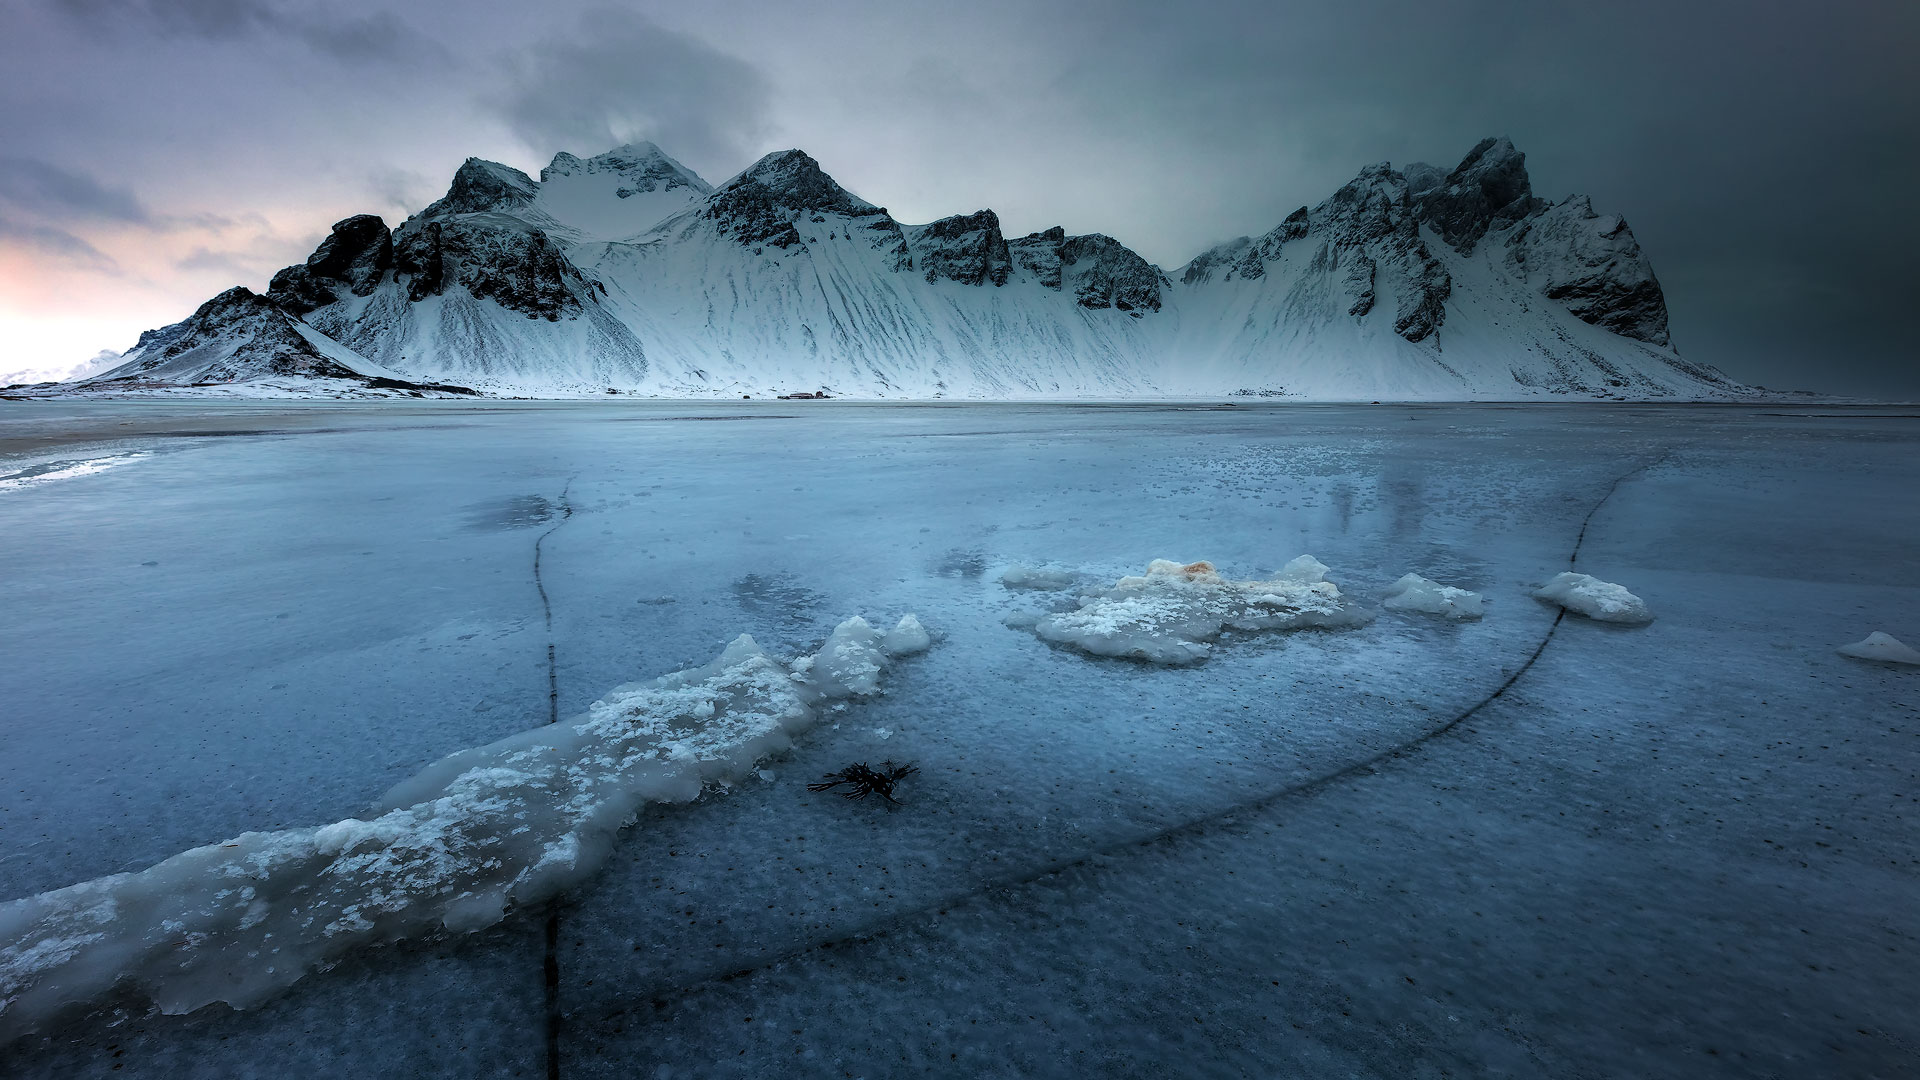 ijsland-feb-2019-887-kopiëren.jpg